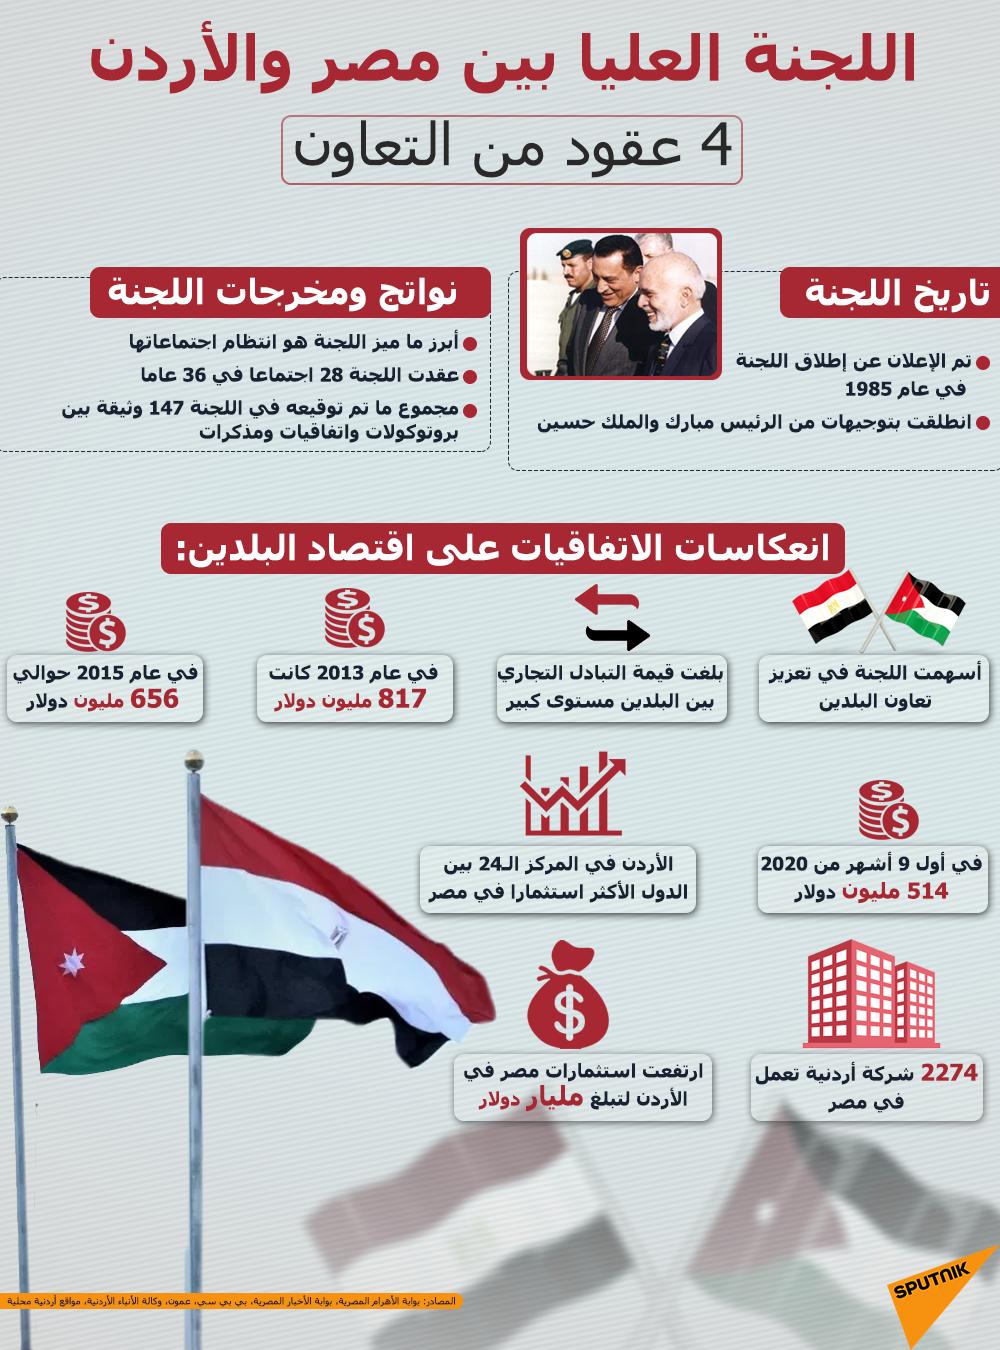 إنفوجرافيك... اللجنة العليا بين مصر والأردن... 4 عقود من التعاون